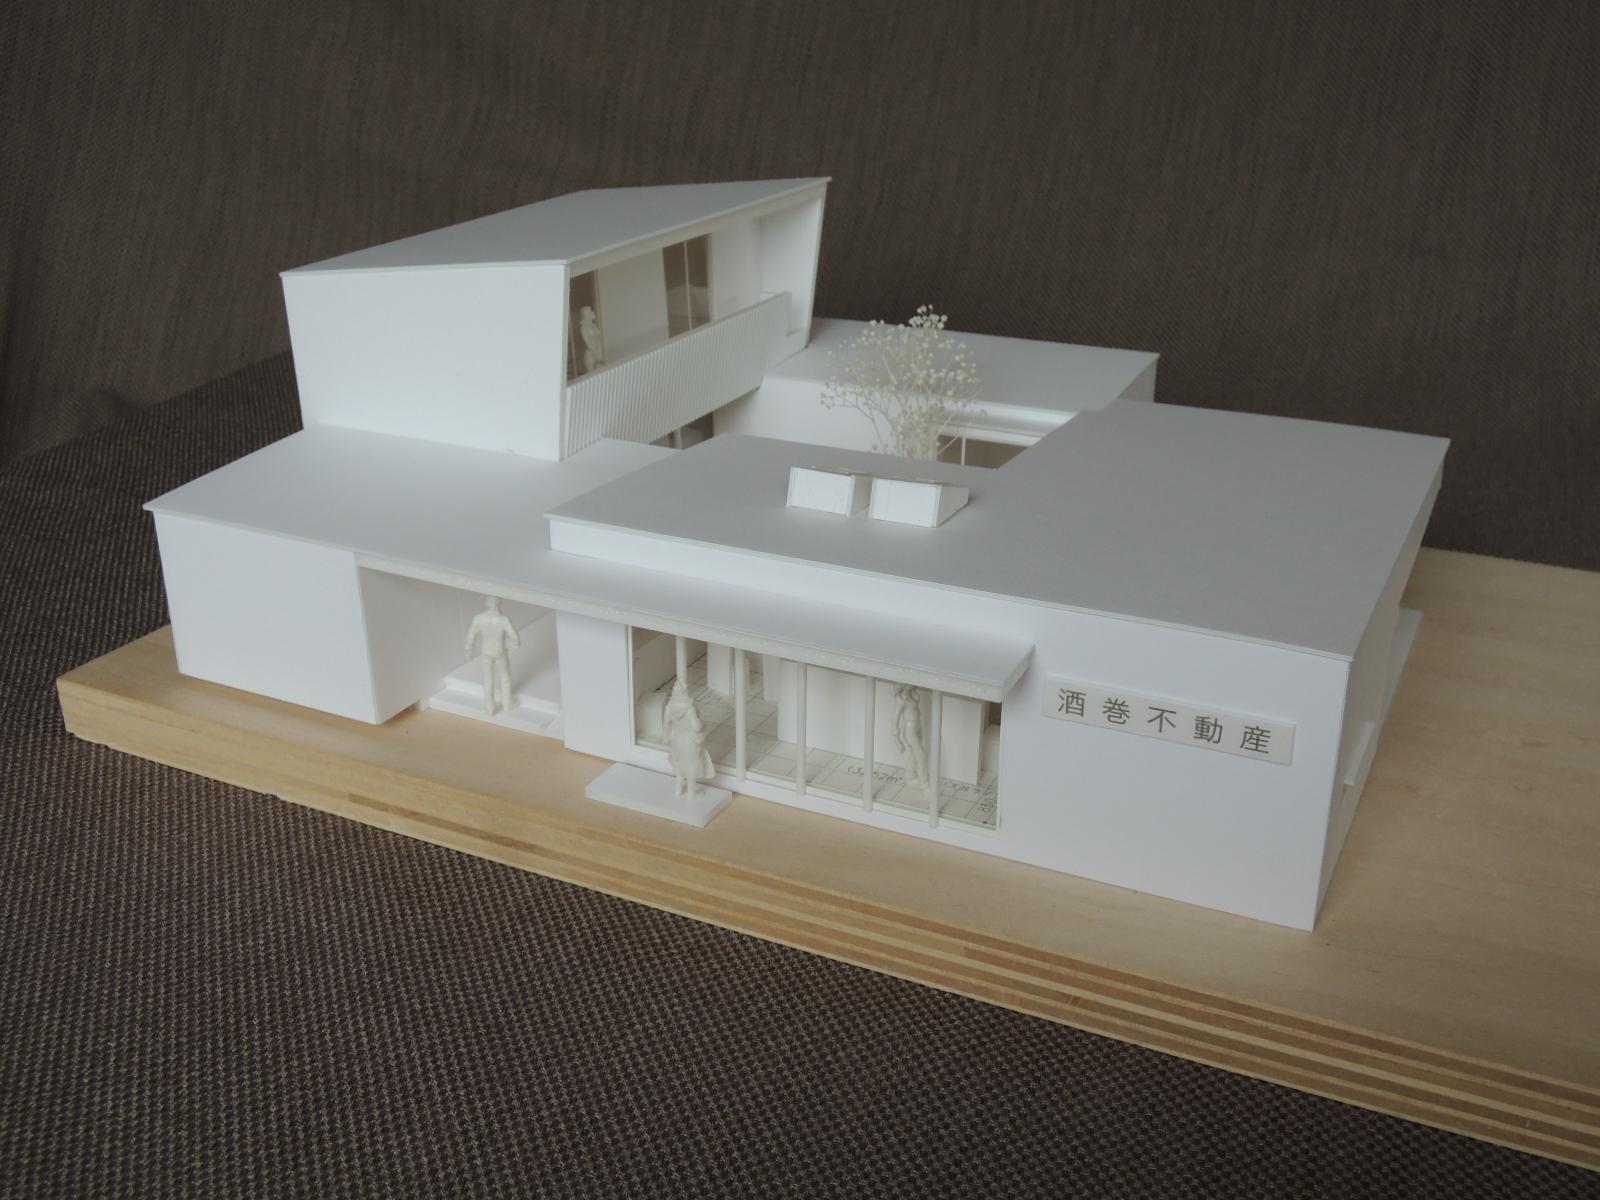 加須の不動産屋さんの家のパース/模型/CG/スケッチなど